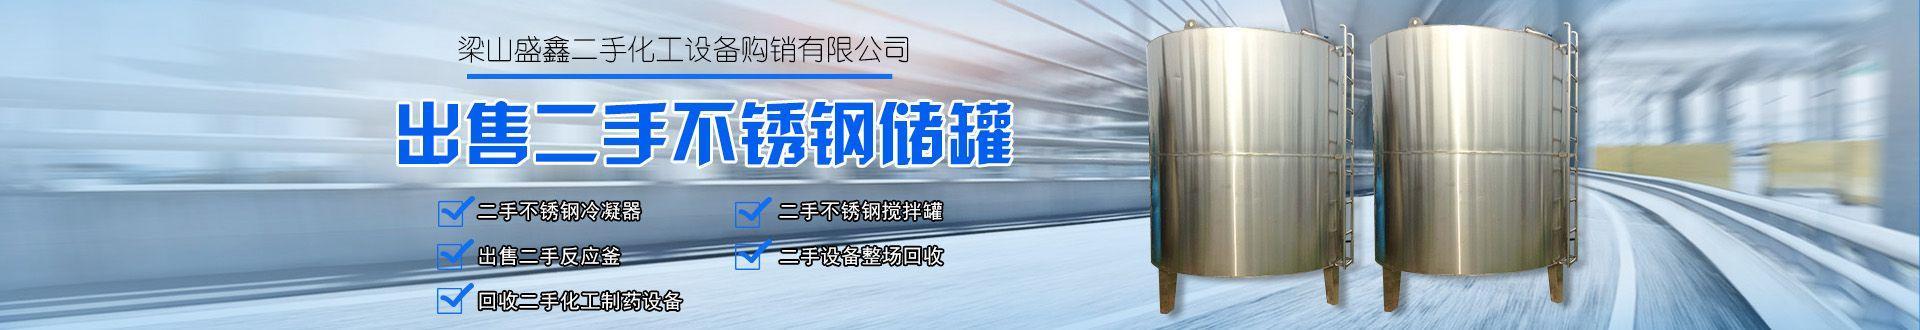 梁山盛鑫二手化工设备购销有限公司